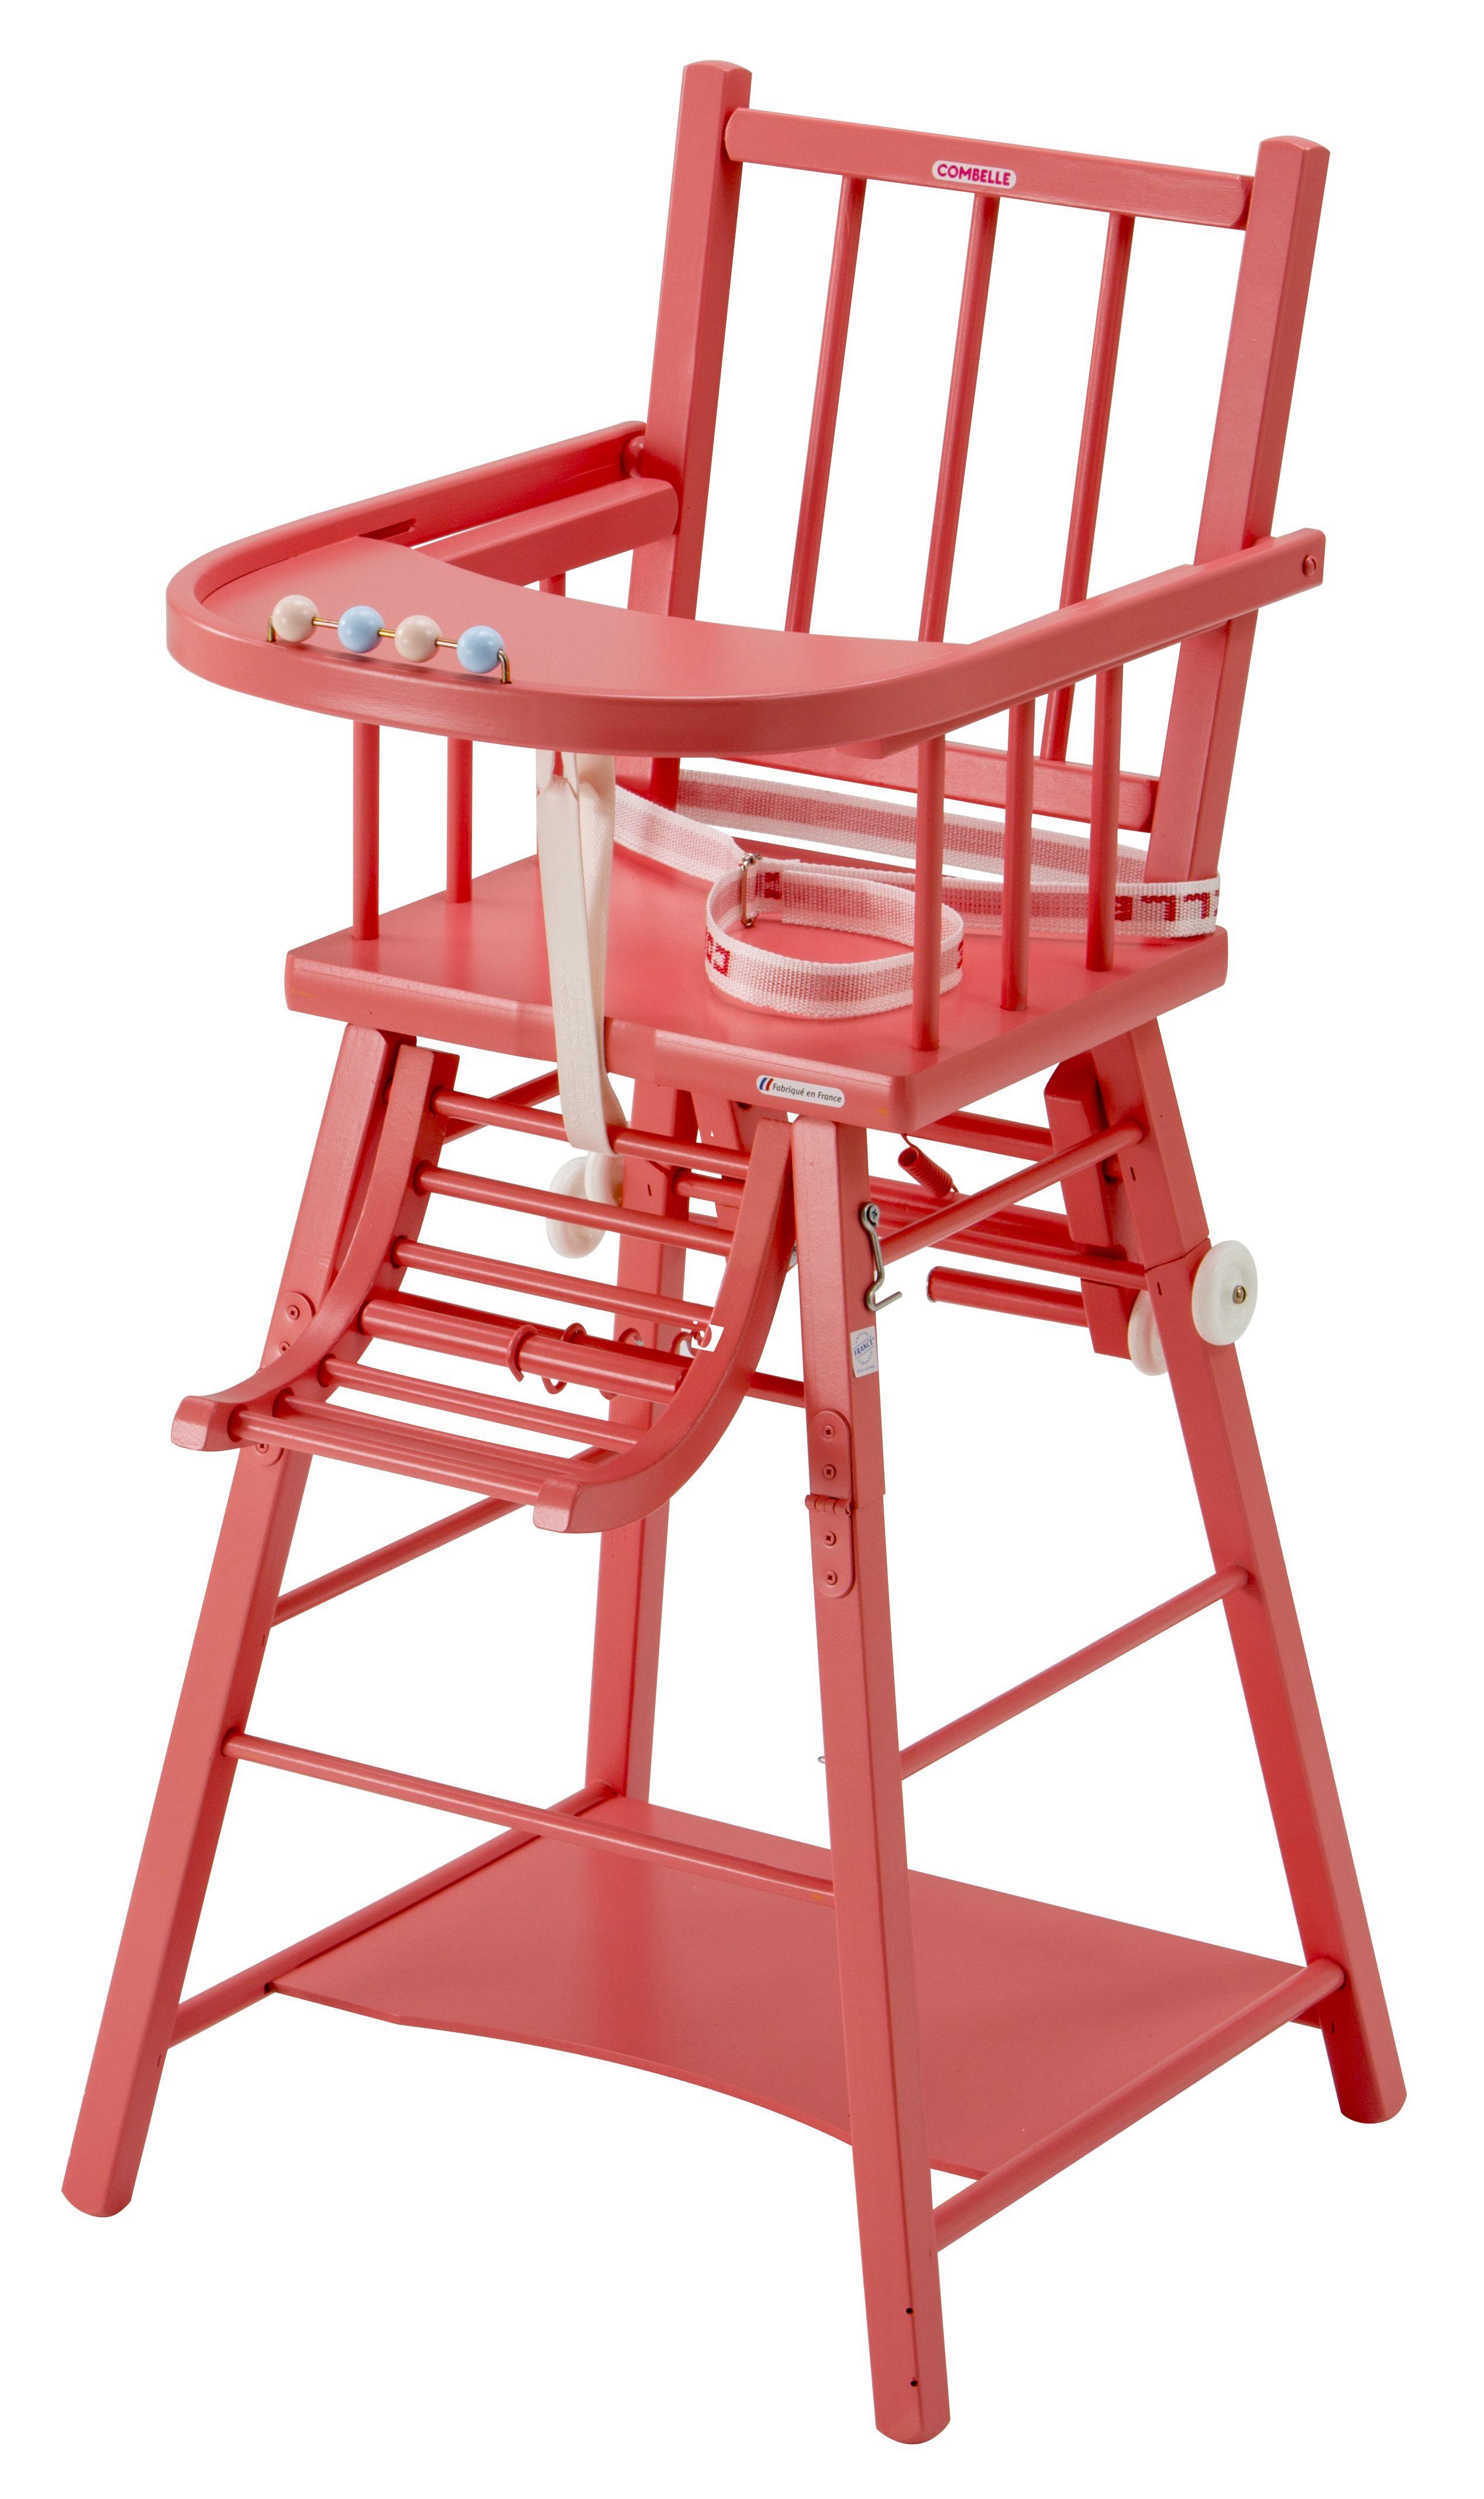 Www Combelle Com Chaise Haute Chaise Haute Bois Chaise